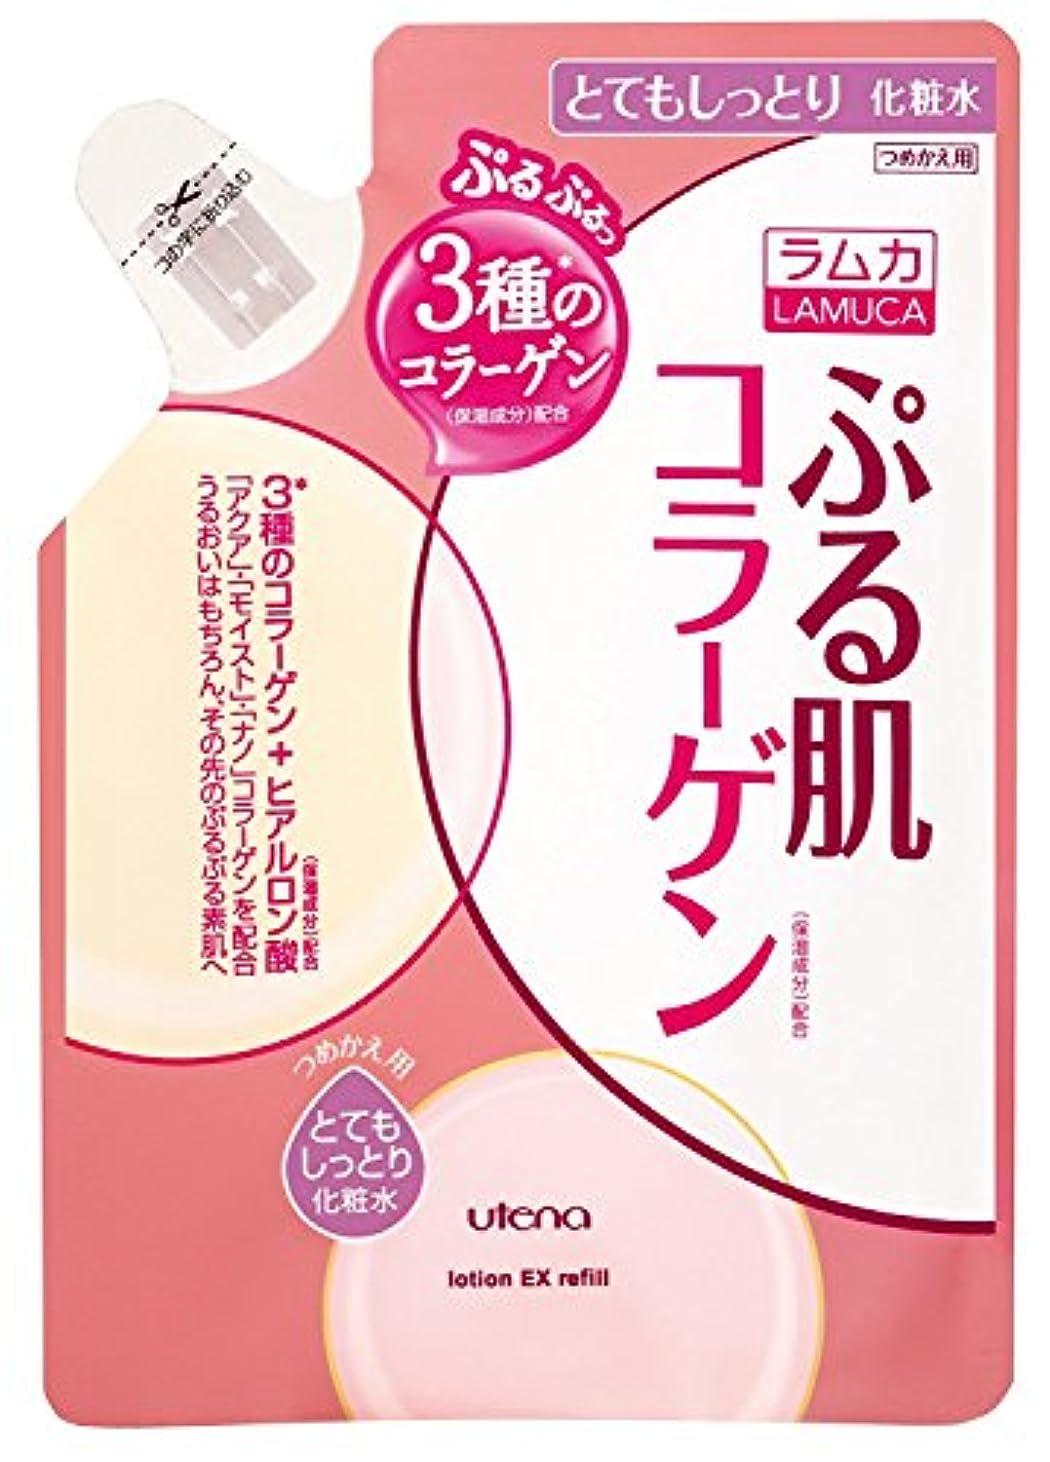 ナンセンス前文ガラガラ【ウテナ】ラムカ ぷる肌化粧水 とてもしっとり つめかえ用 180ml ×10個セット